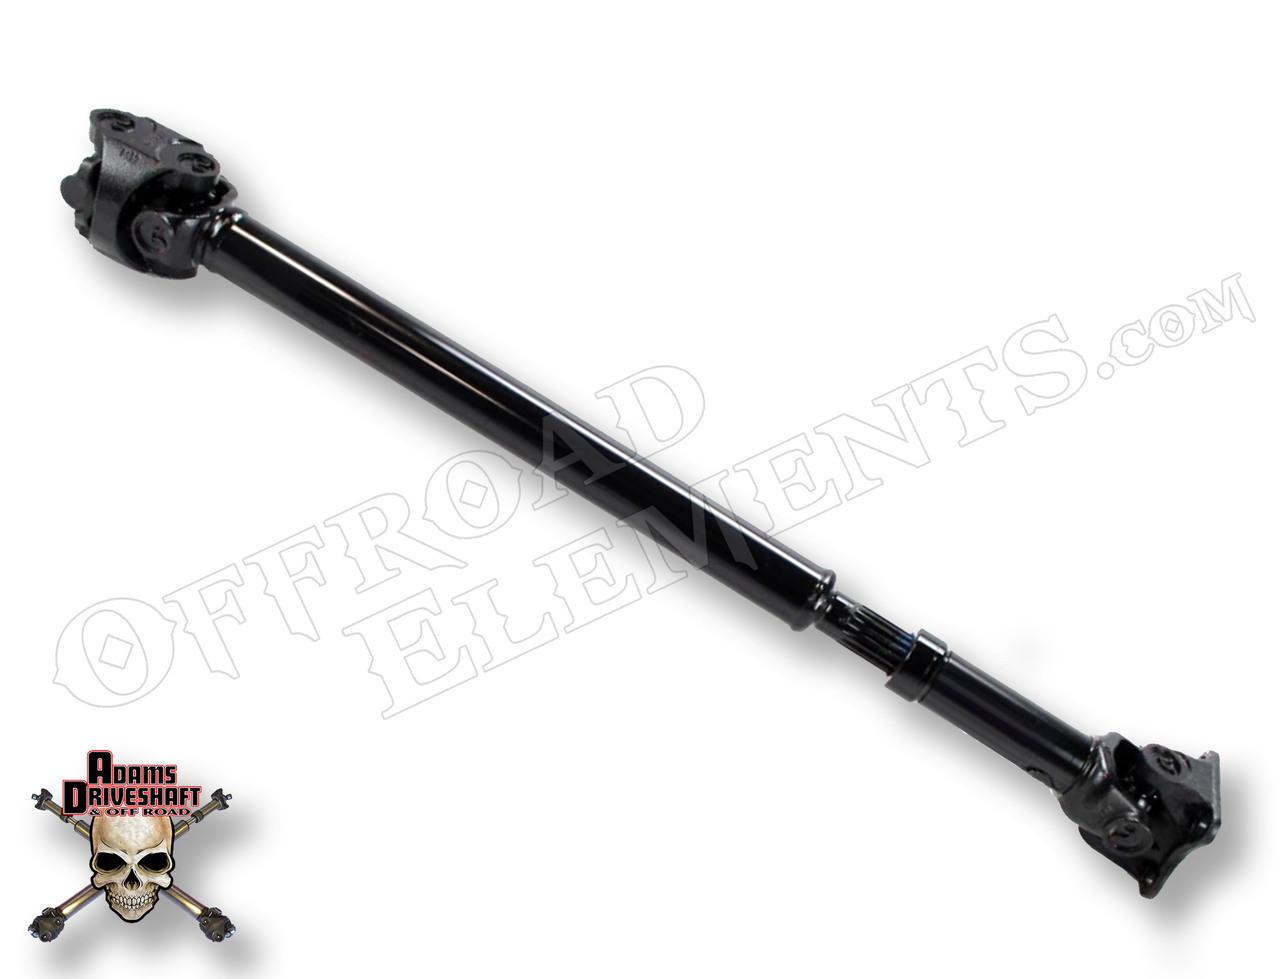 Adams Driveshaft AD-JK-F-1310 1310 Front CV Driveshaft Flange Style for Wrangler JK 2007+